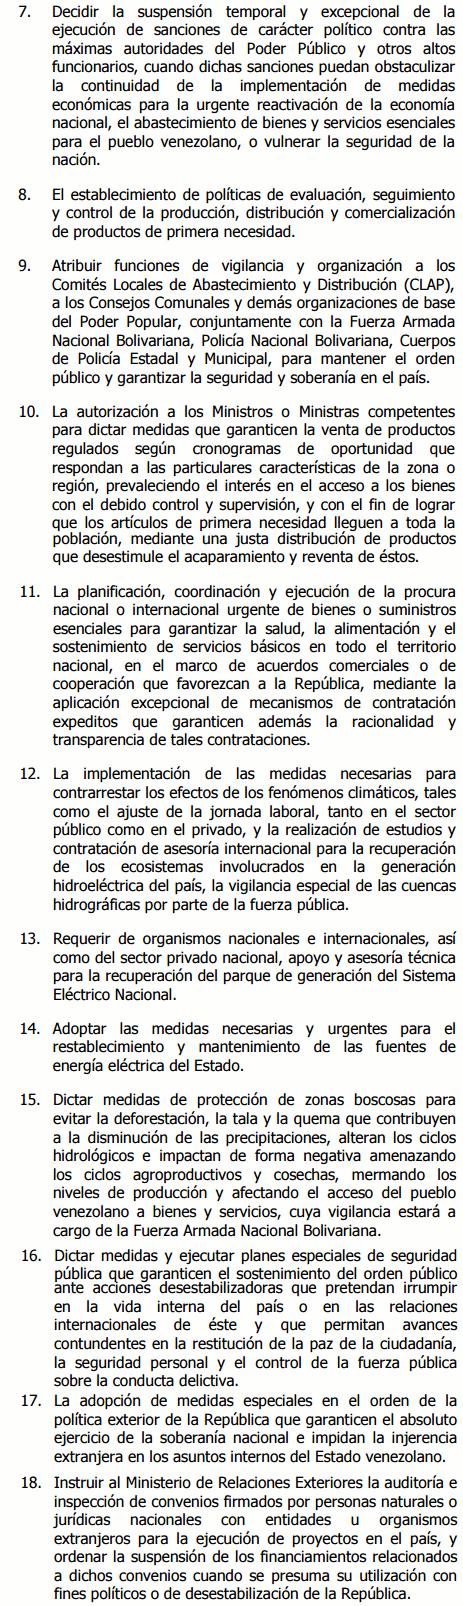 decreto-4